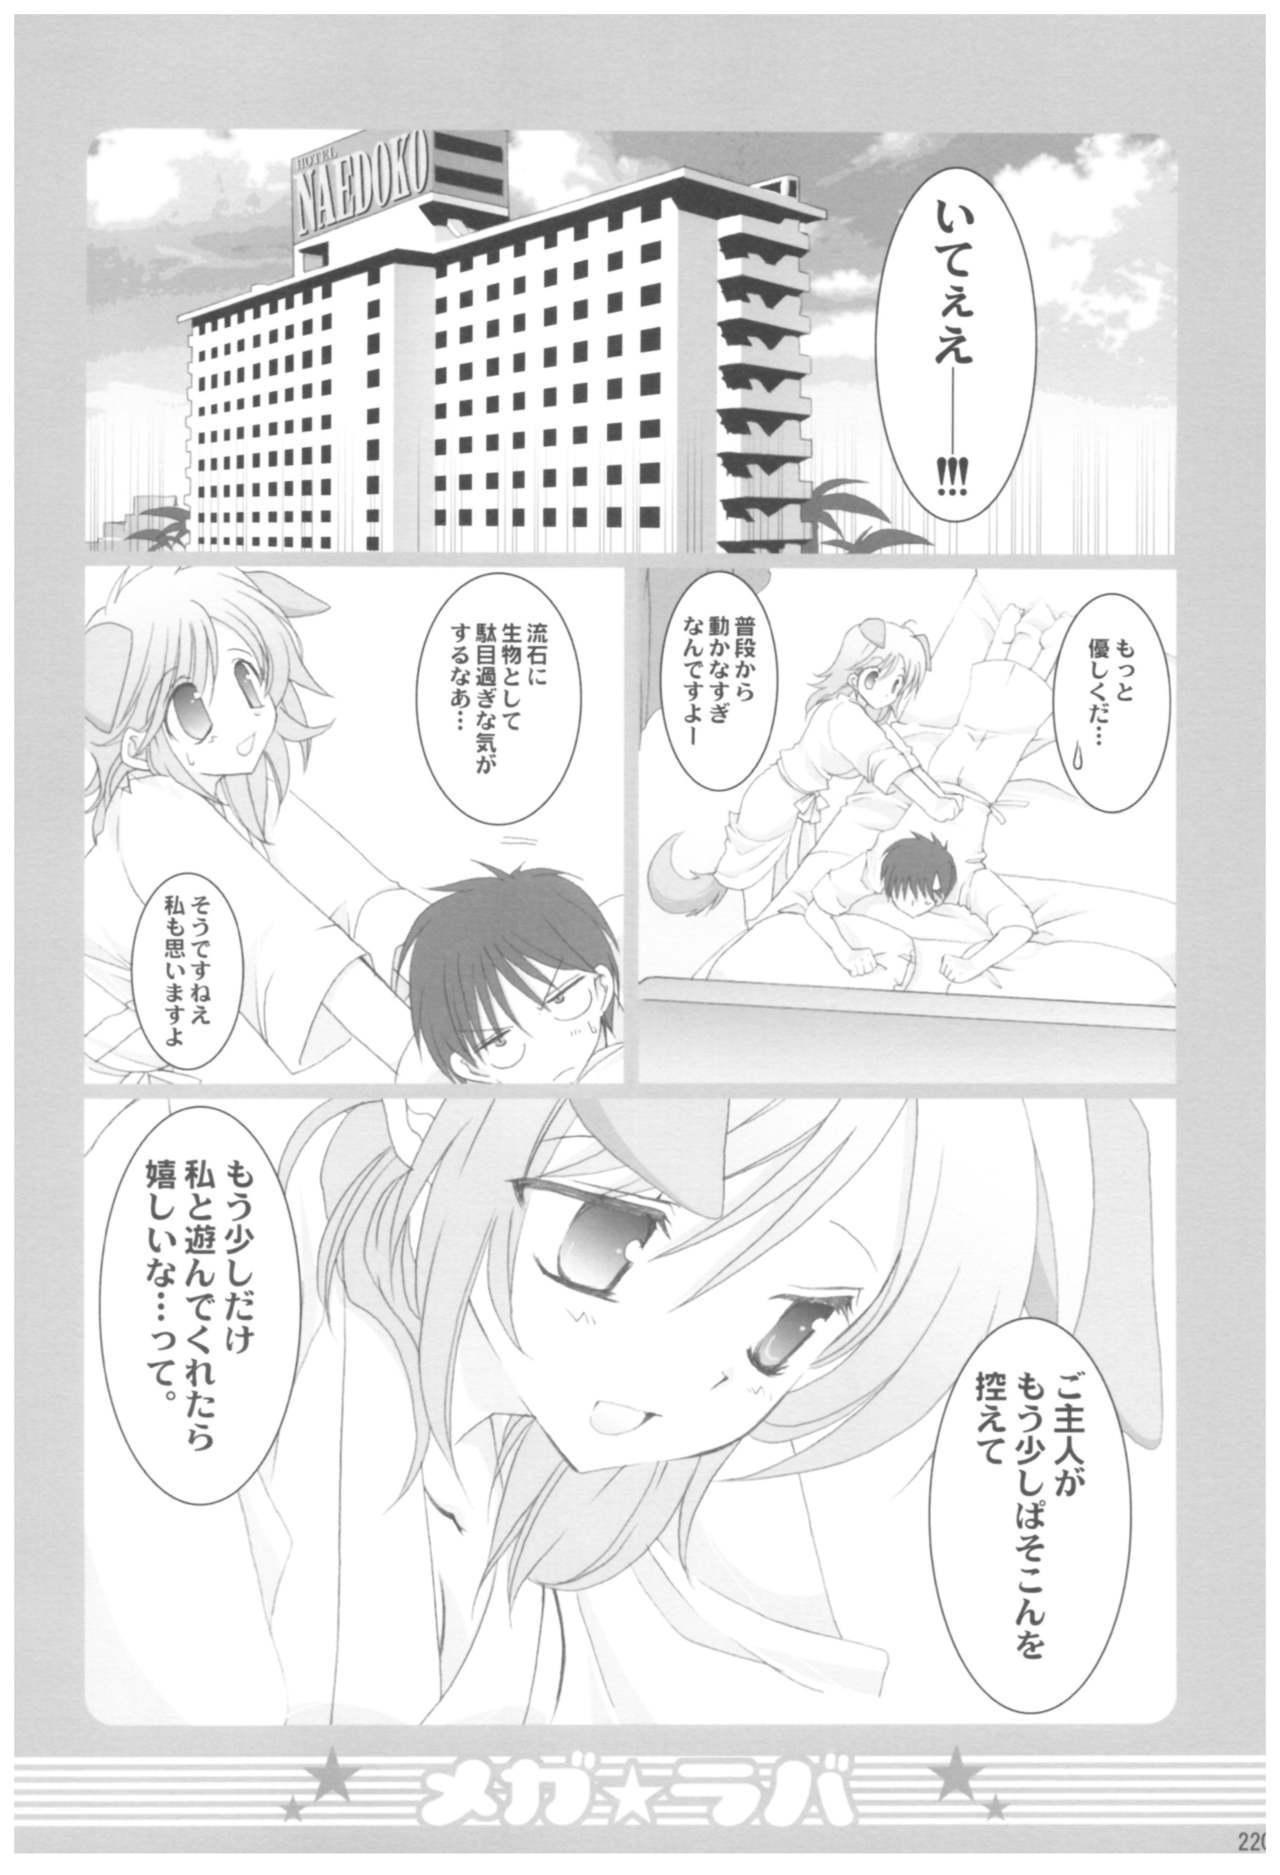 Naedoko Ikusei Kansatsu Kiroku 219